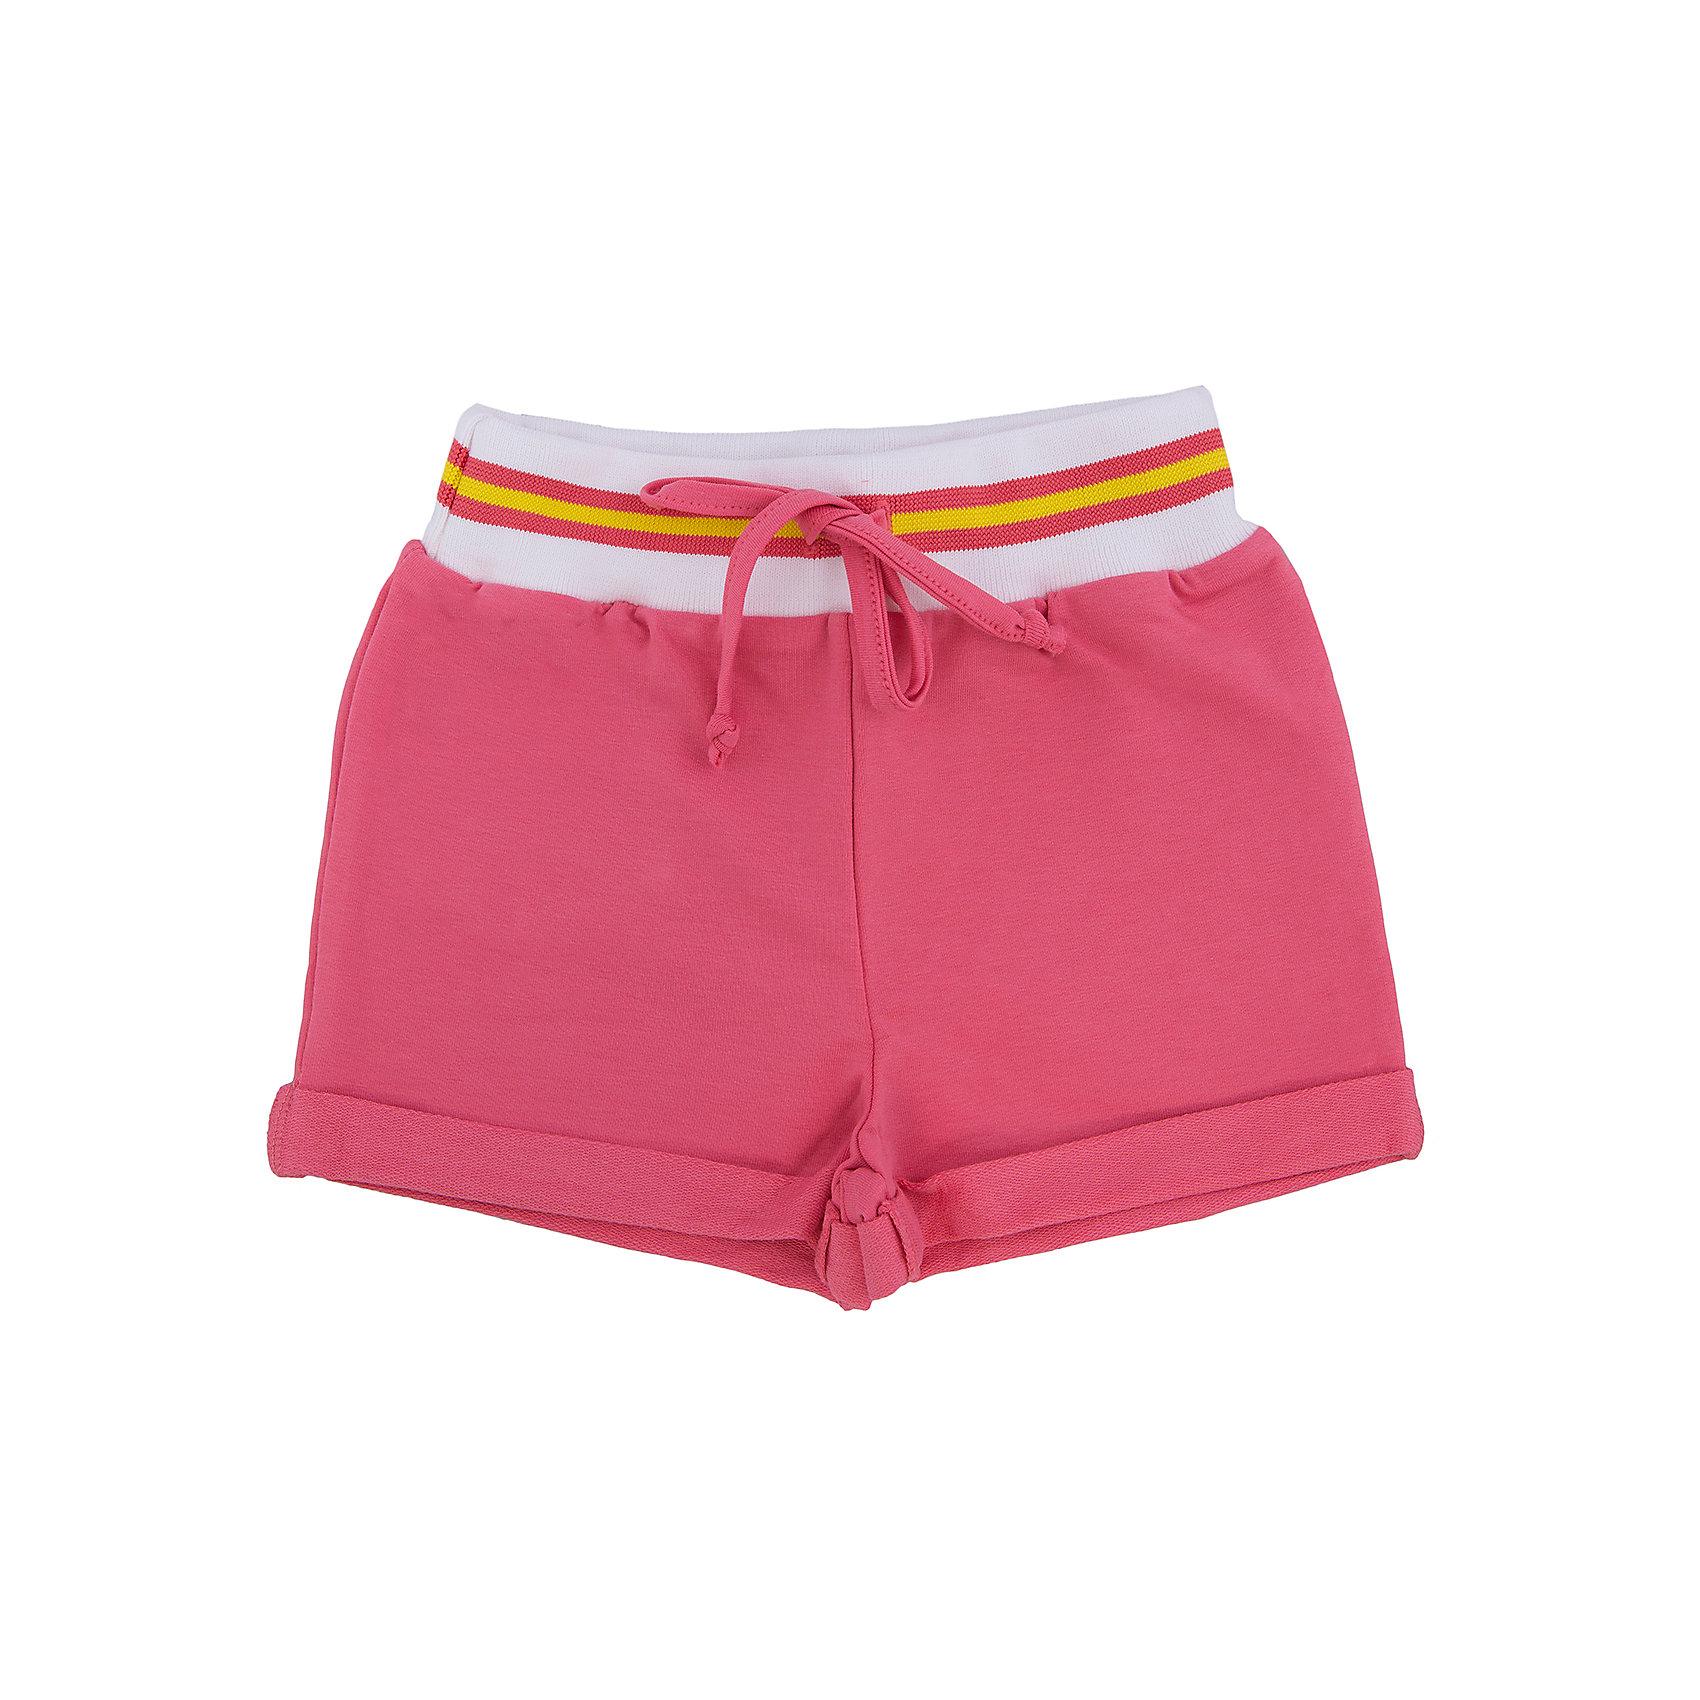 Goldy Шорты  для девочки Goldy шорты для девочки bj8770l разноцветный byblos